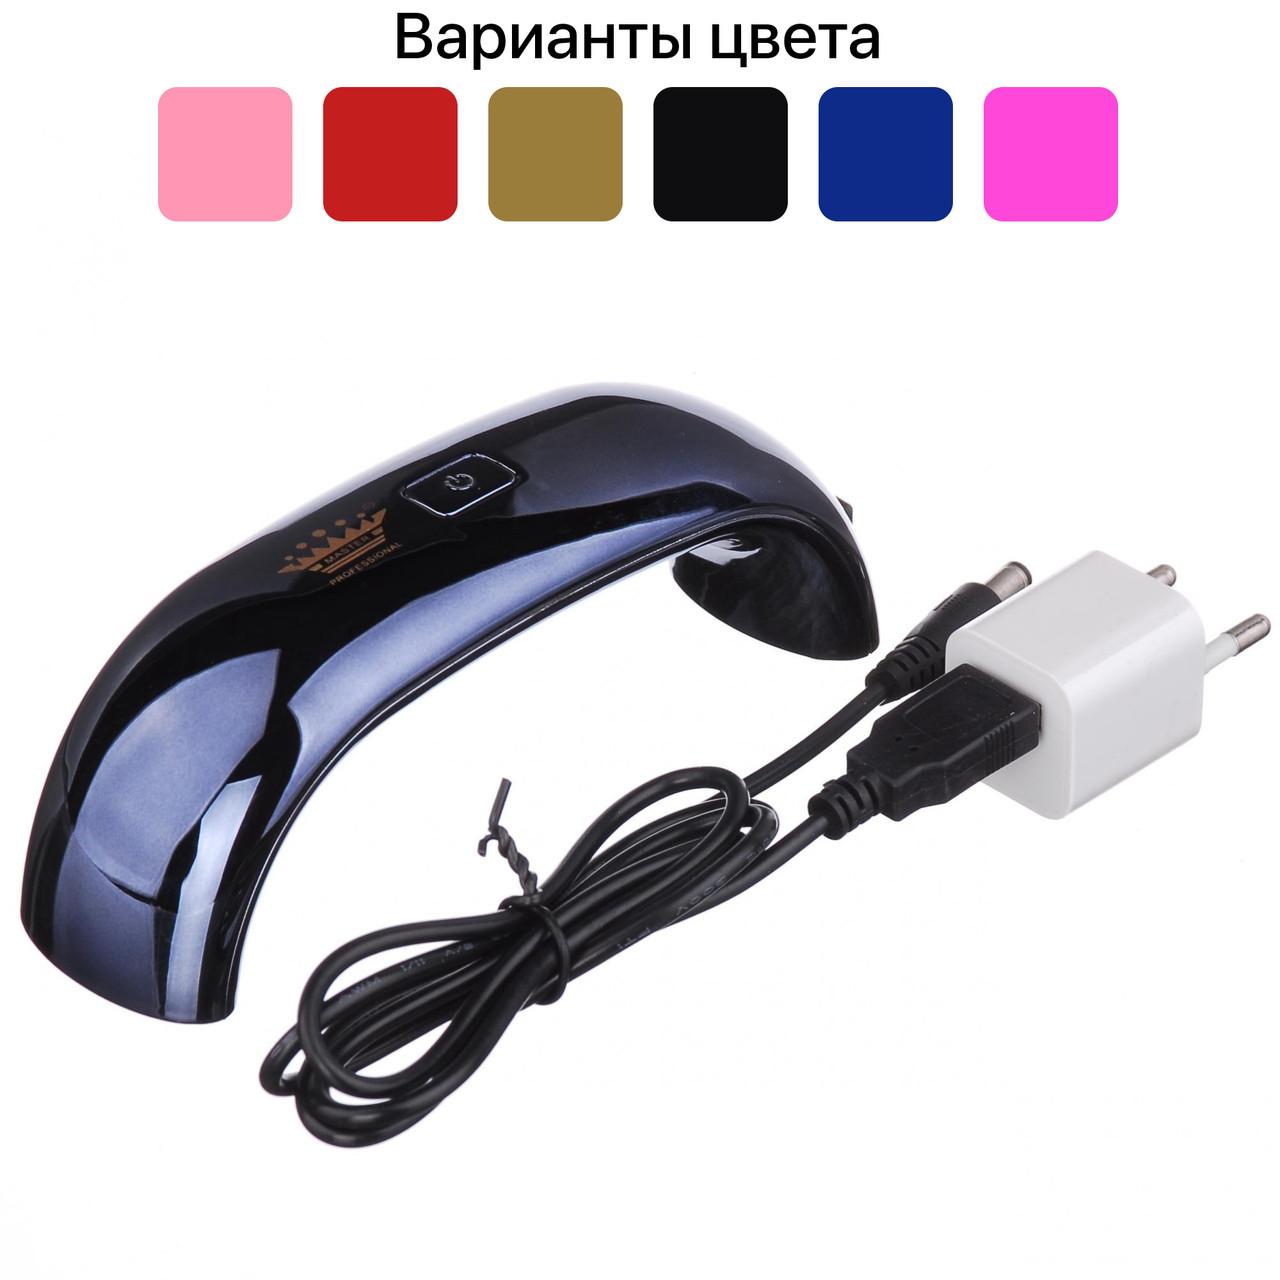 LED-лампа для гель-лака, сушки ногтей, маникюра 9 Вт (лампа для манікюру, сушіння нігтів)